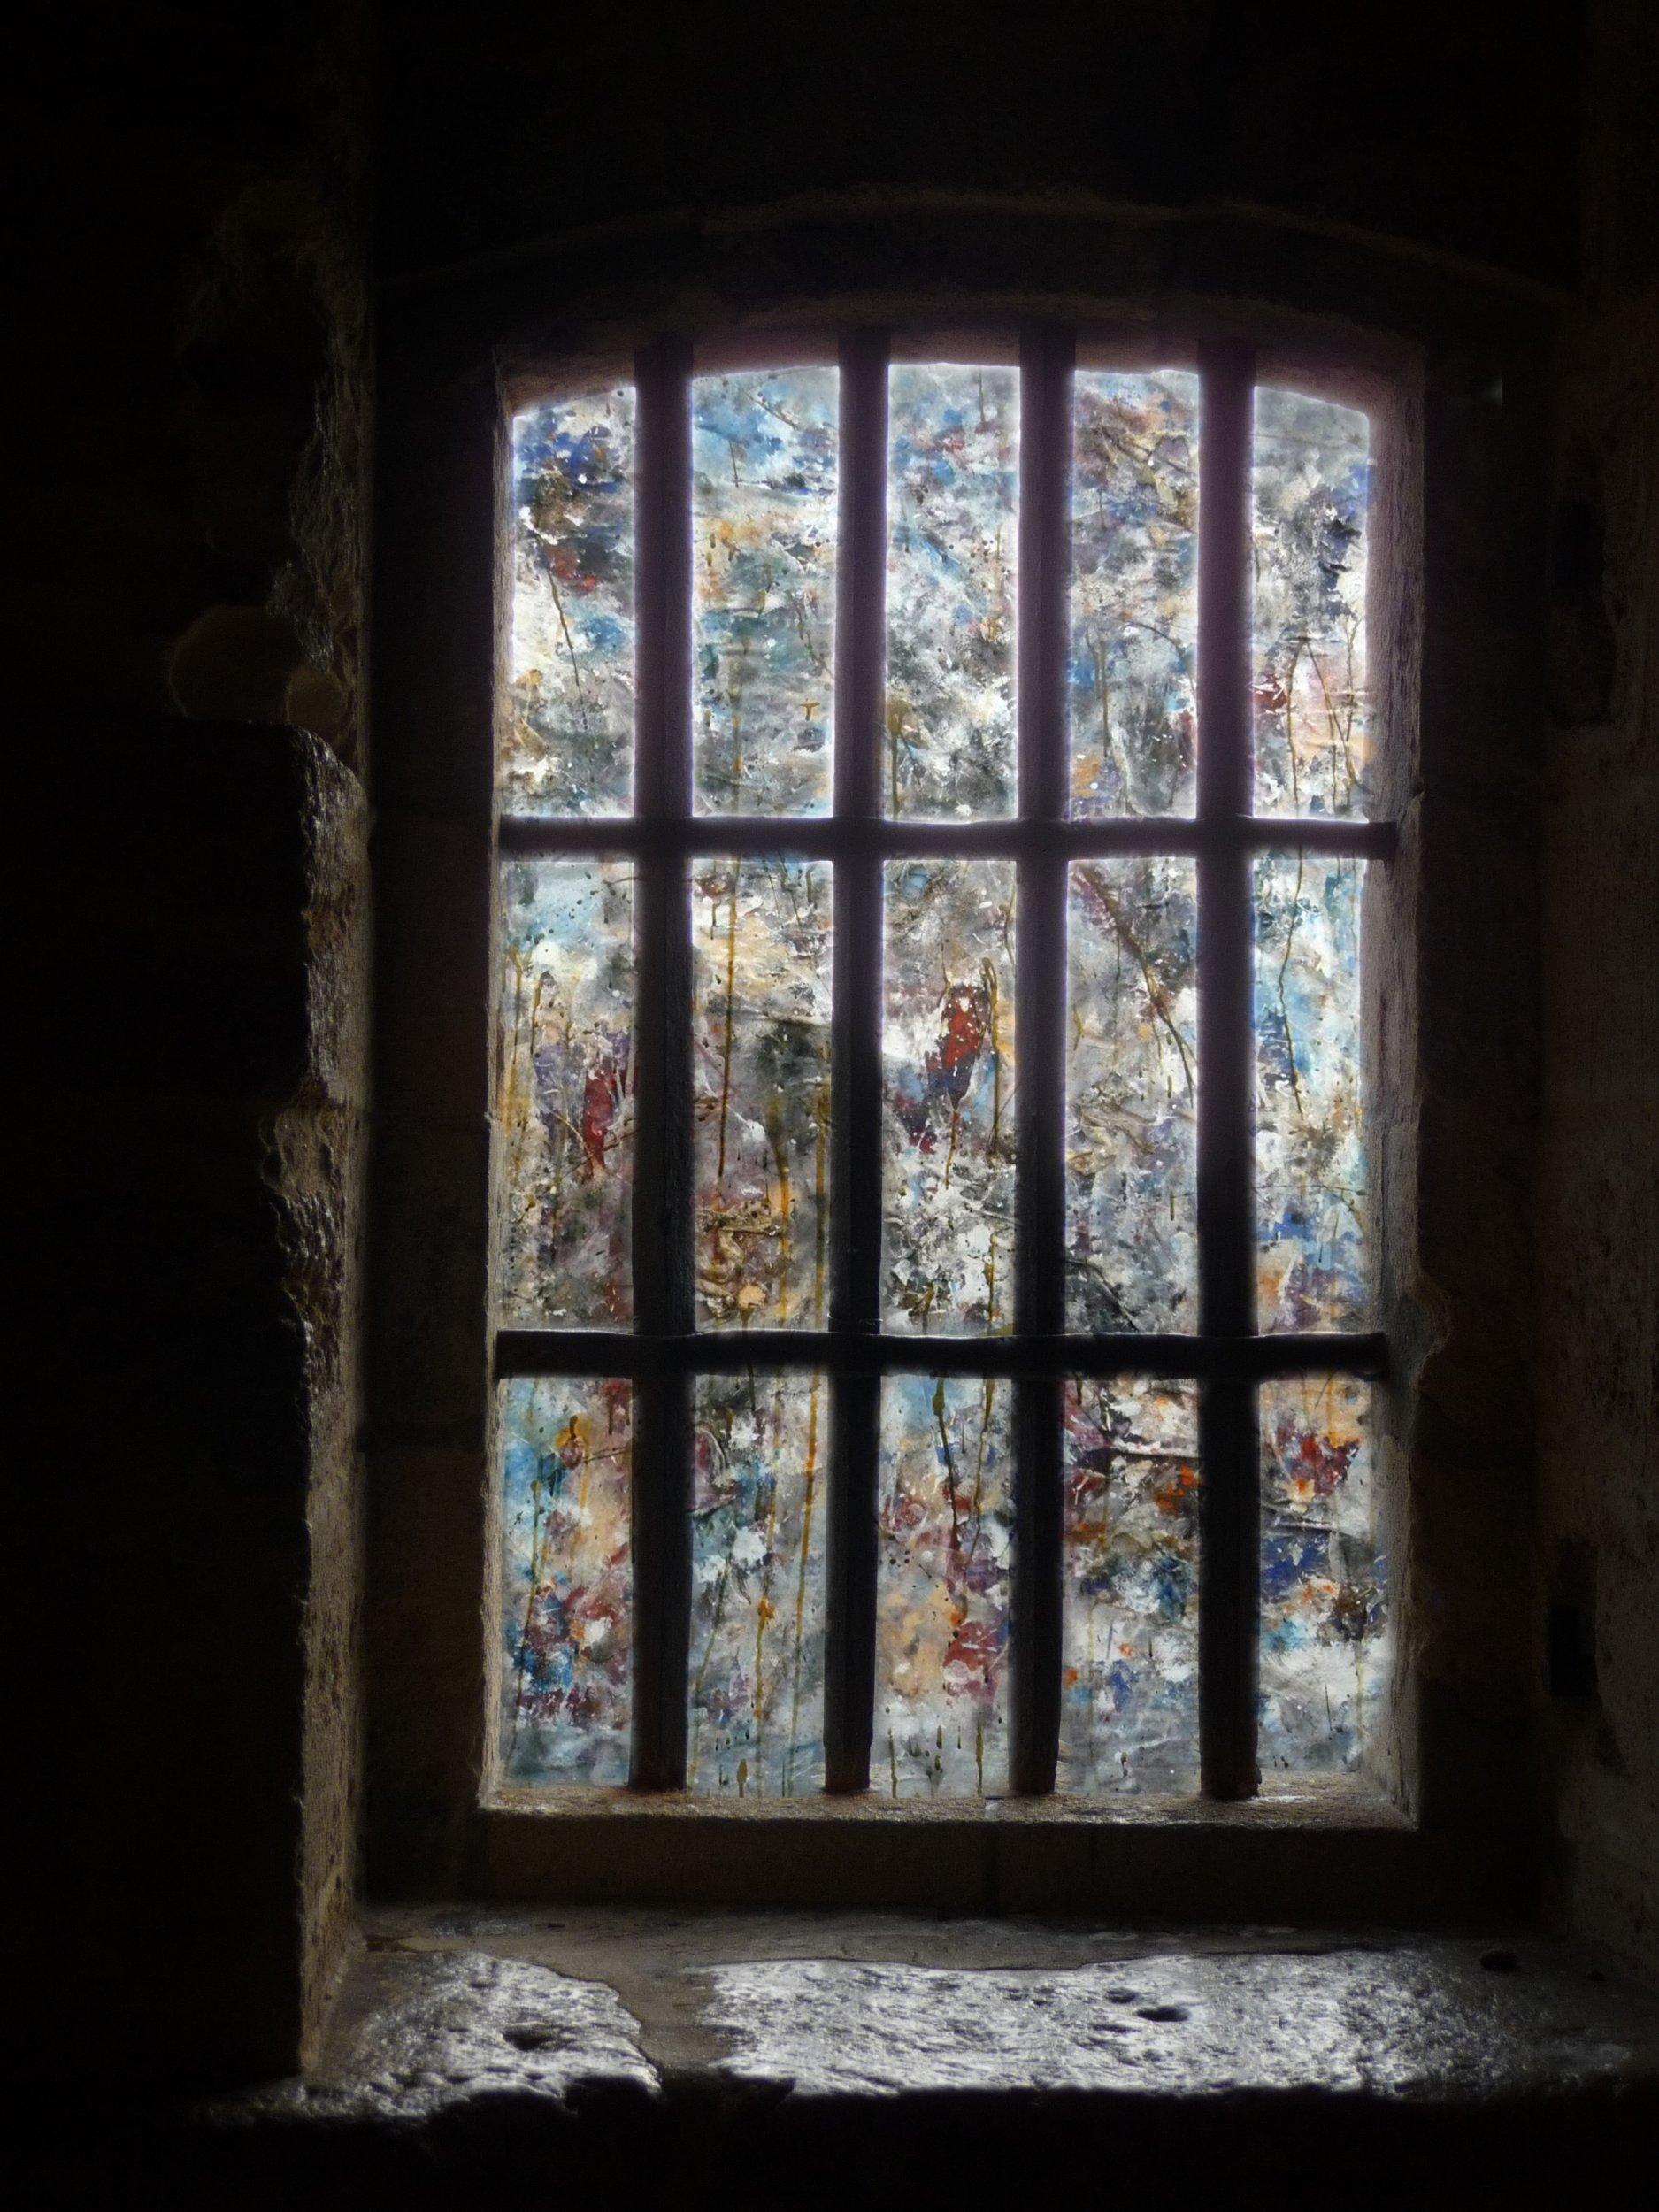 Dalla finestra del castello berga producing censorship - Spiate dalla finestra ...